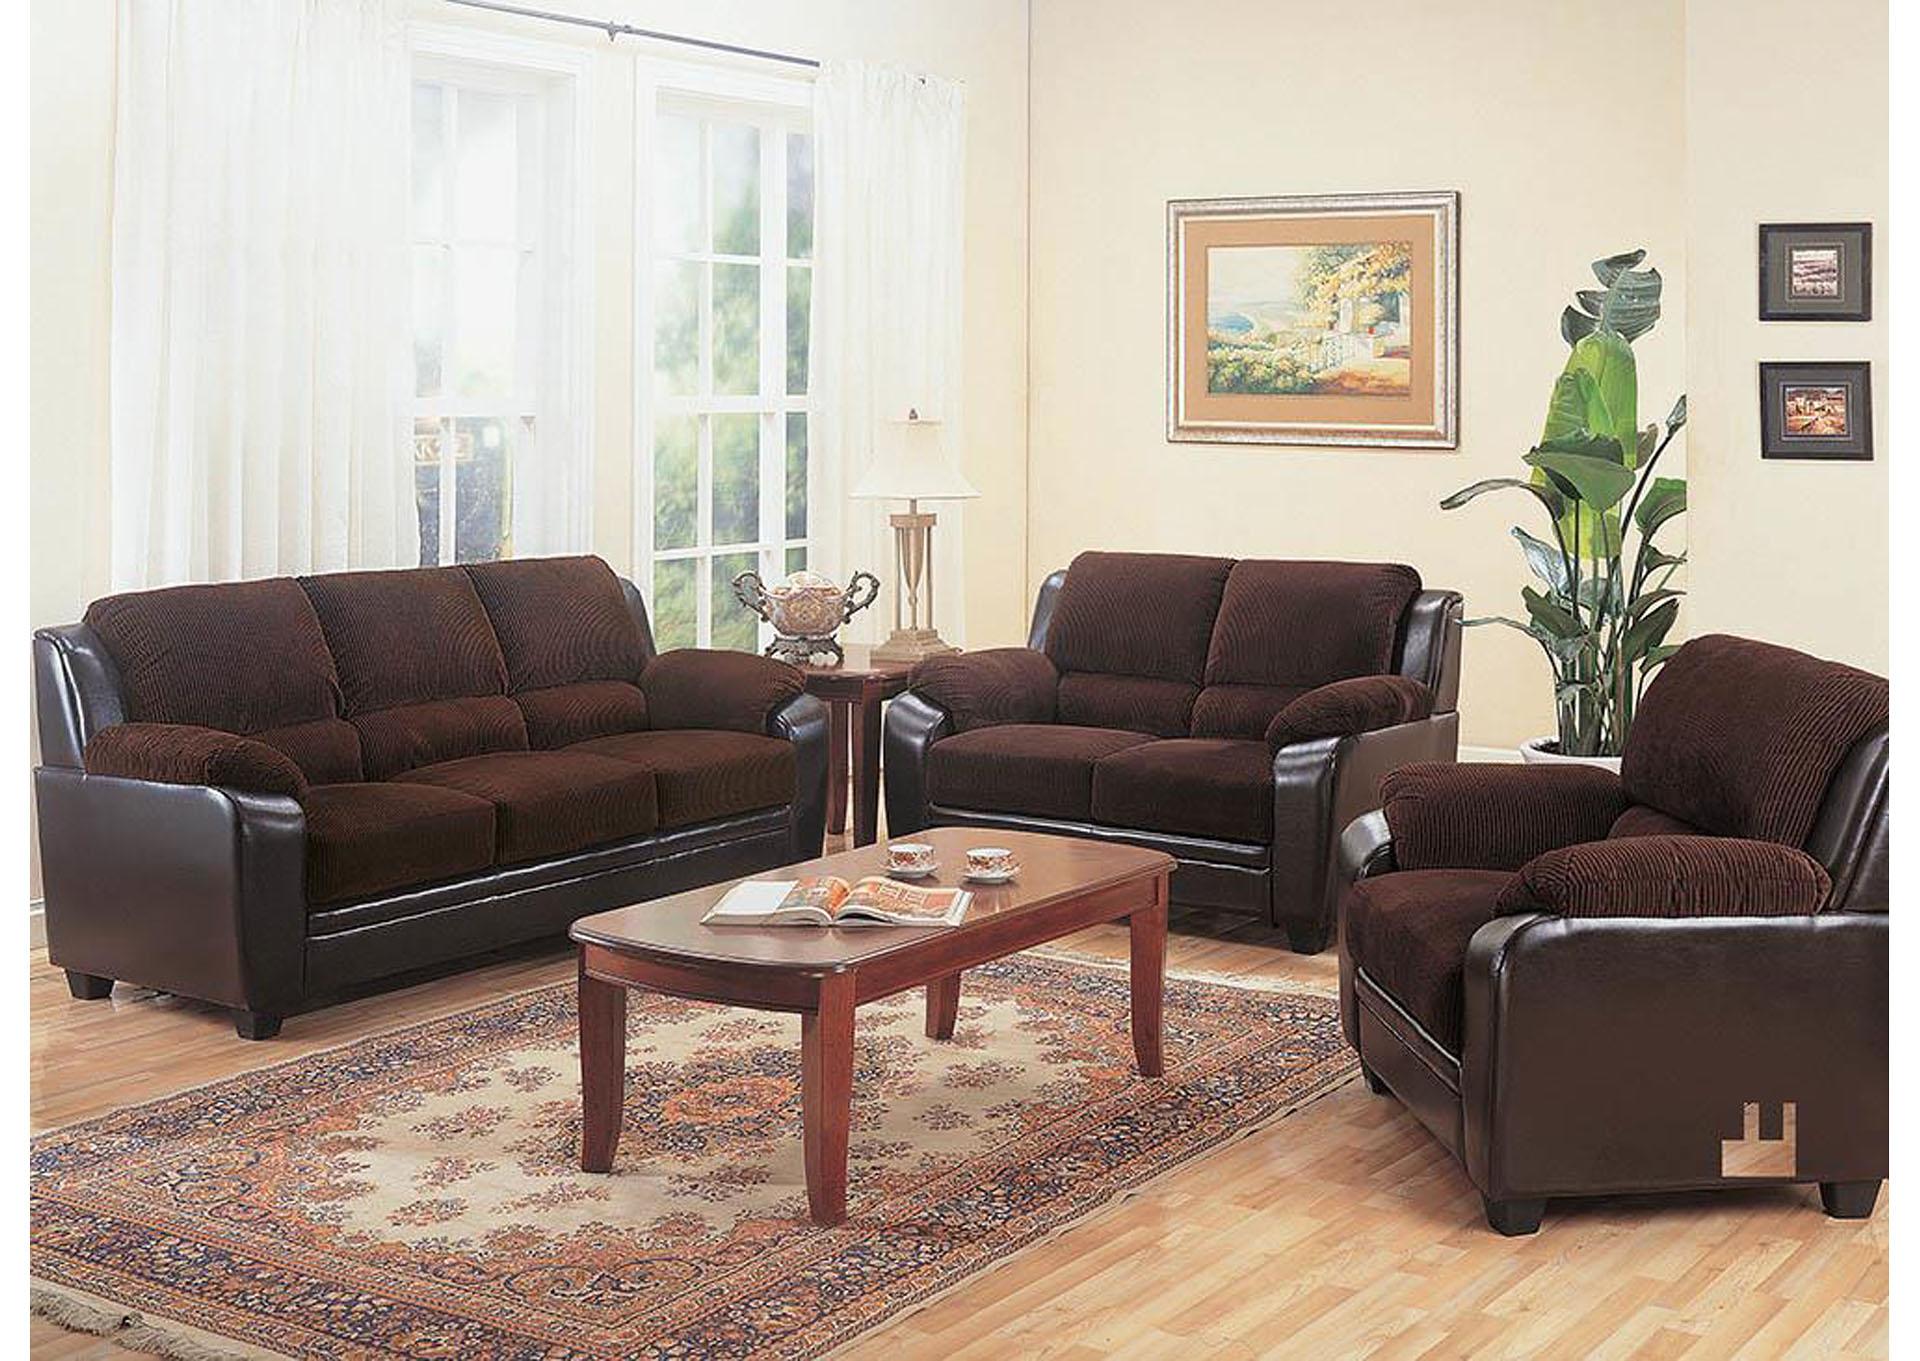 Furniture For Less Alexandria Va 1 Mile